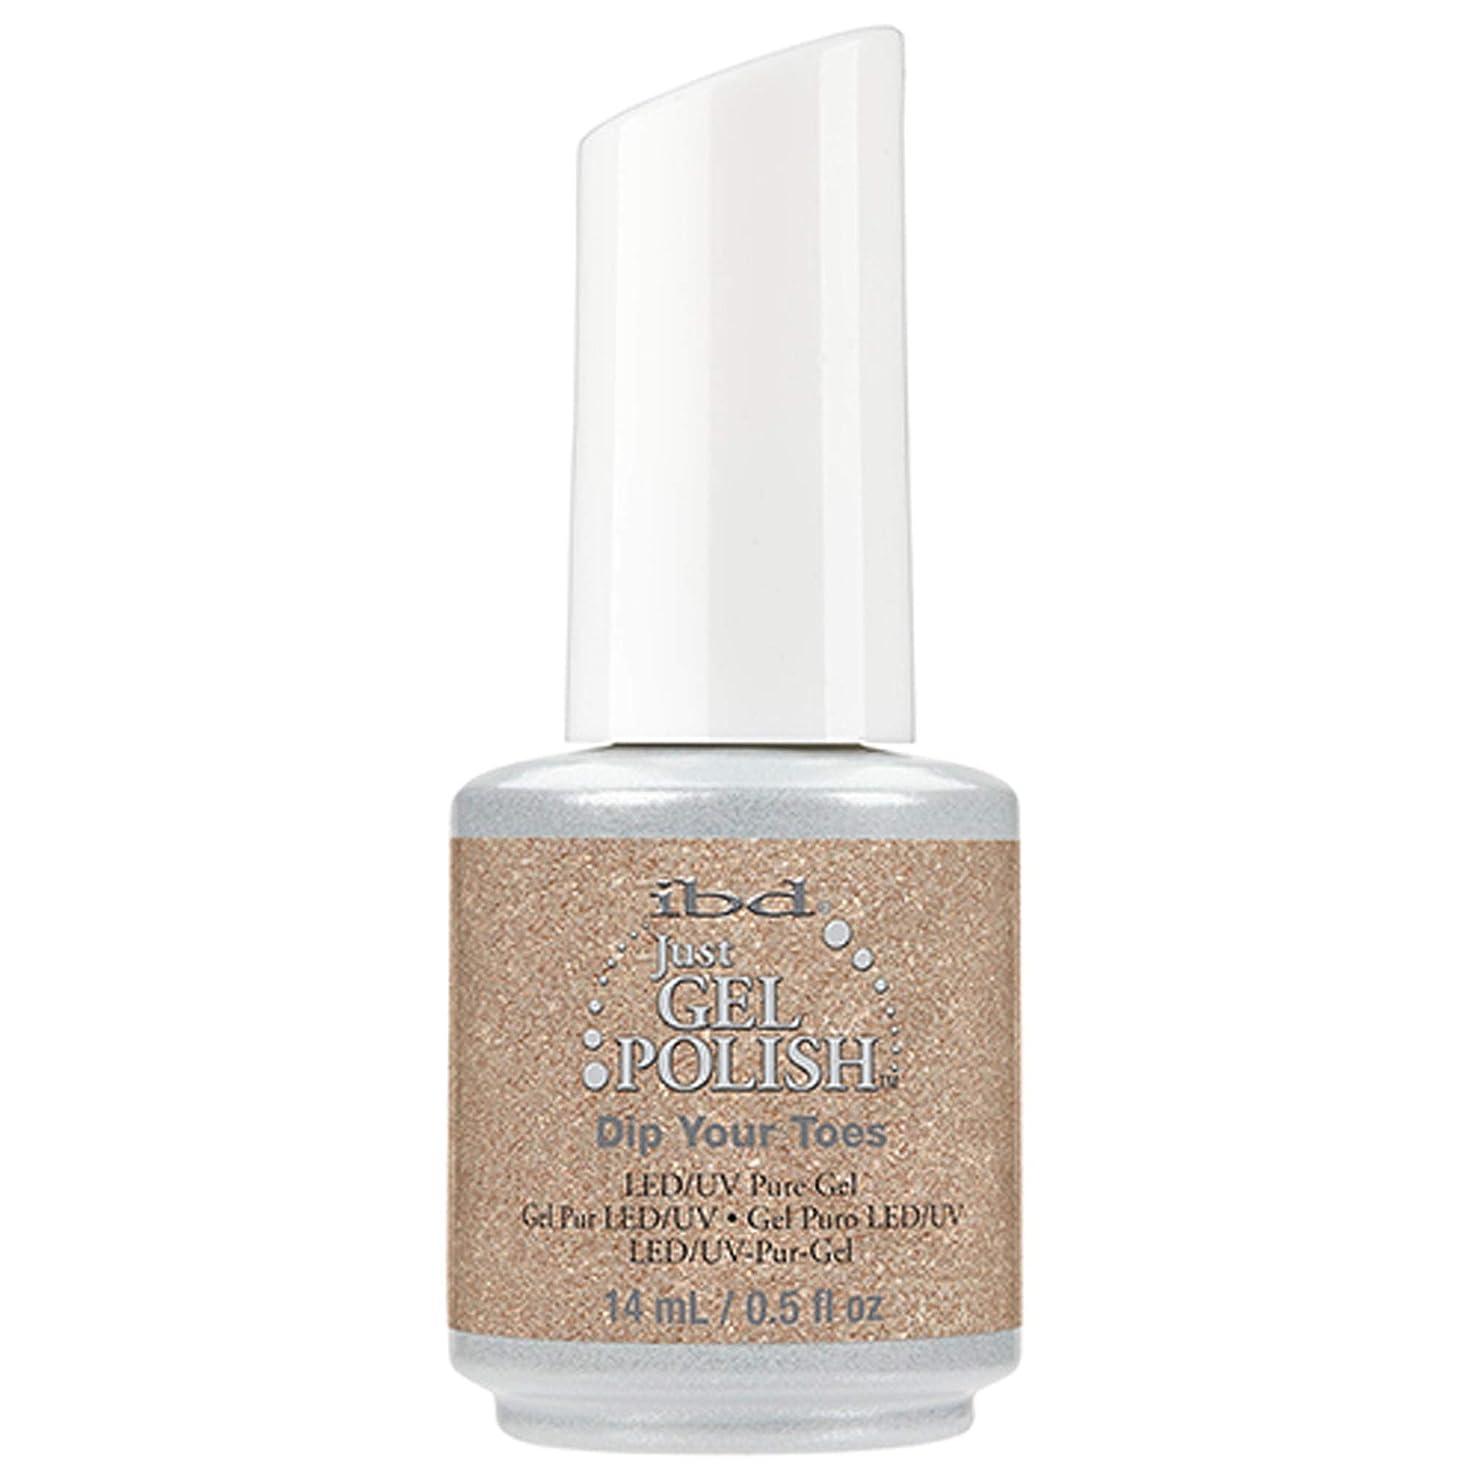 不器用転倒最悪ibd Just Gel Nail Polish - Dip Your Toes - 14ml / 0.5oz